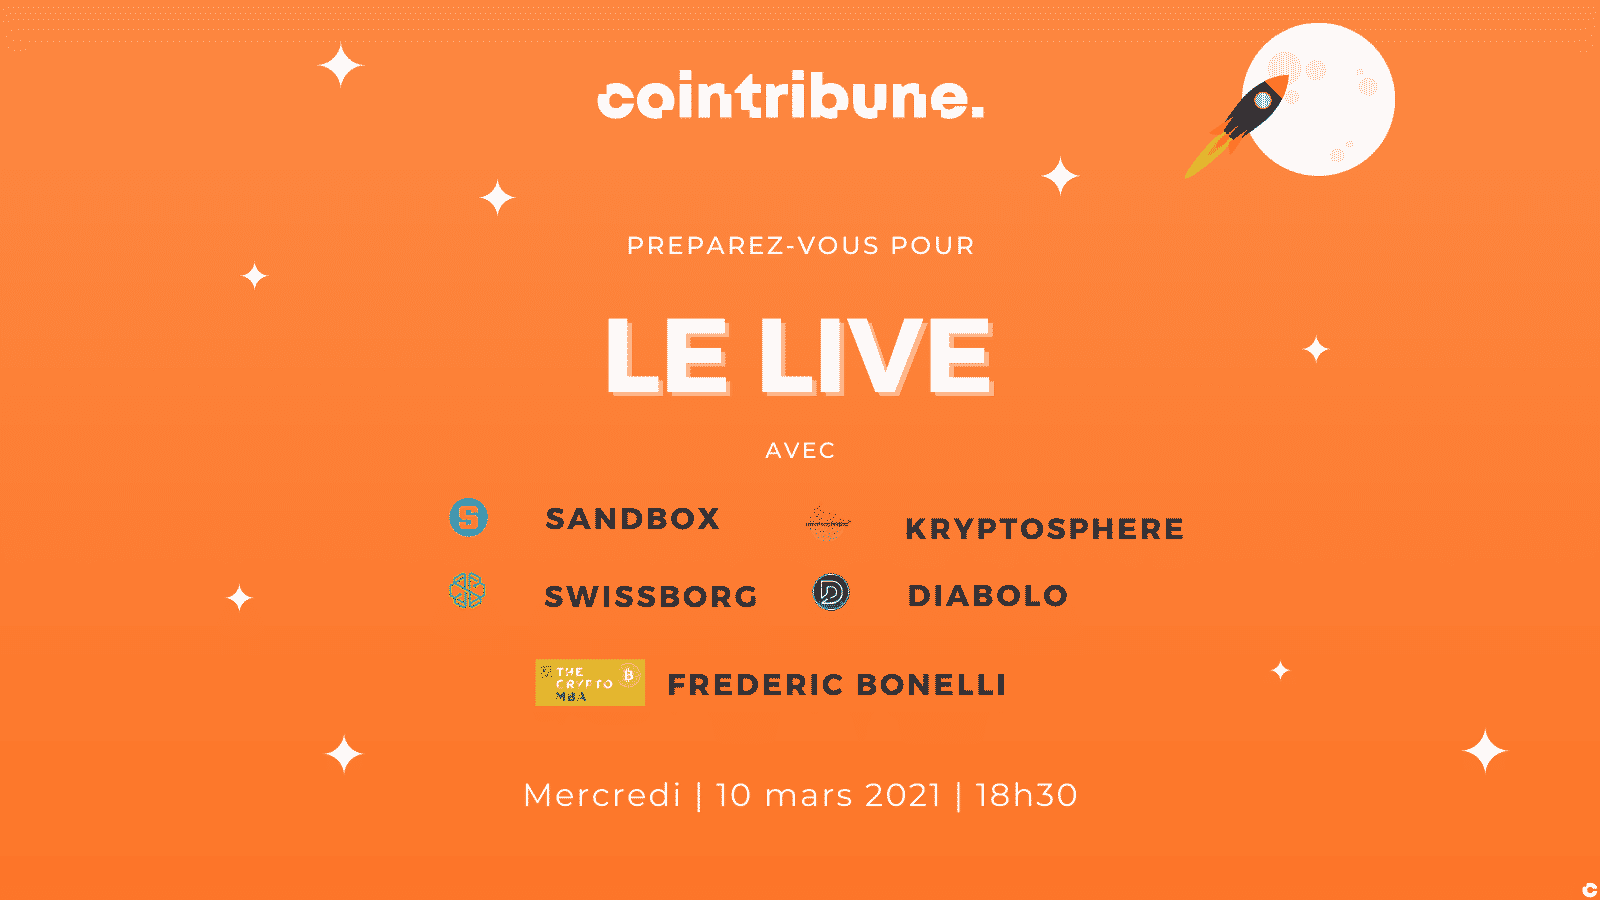 CoinTribune.com, Swissborg, The Sanbdox, Diabolo et Kryptosphère : Débats et cadeaux à gogo ce soir à ... - Cointribune